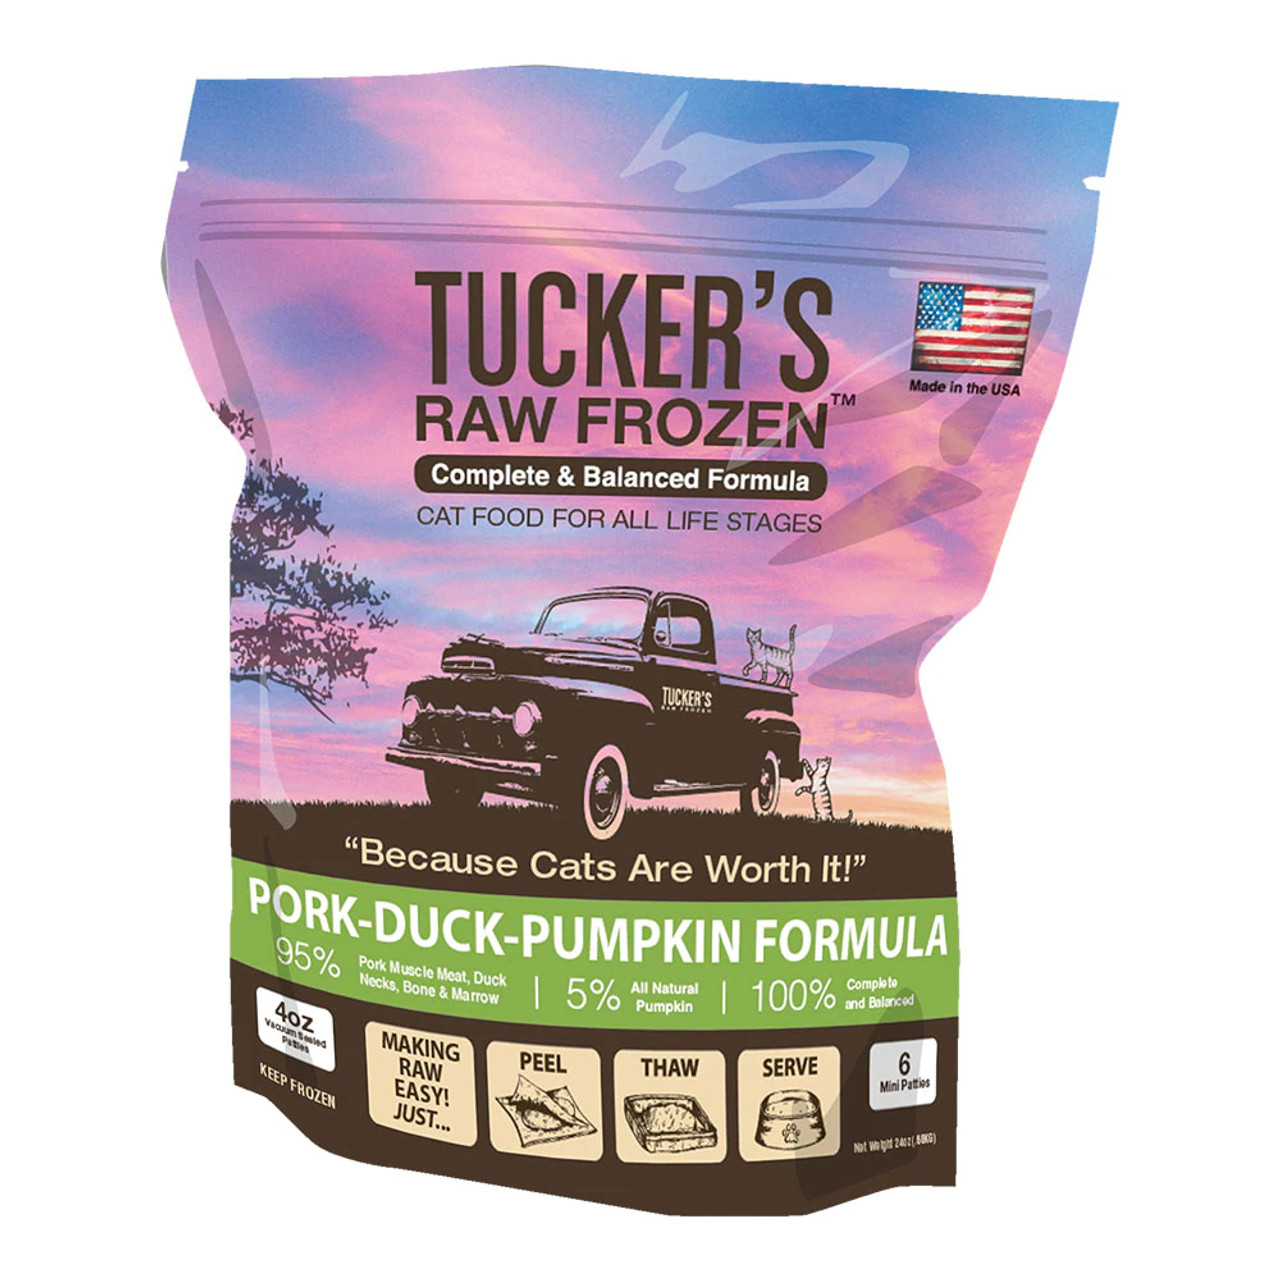 Tucker's Raw Frozen Pork-Duck-Pumpkin Diet Cat Food